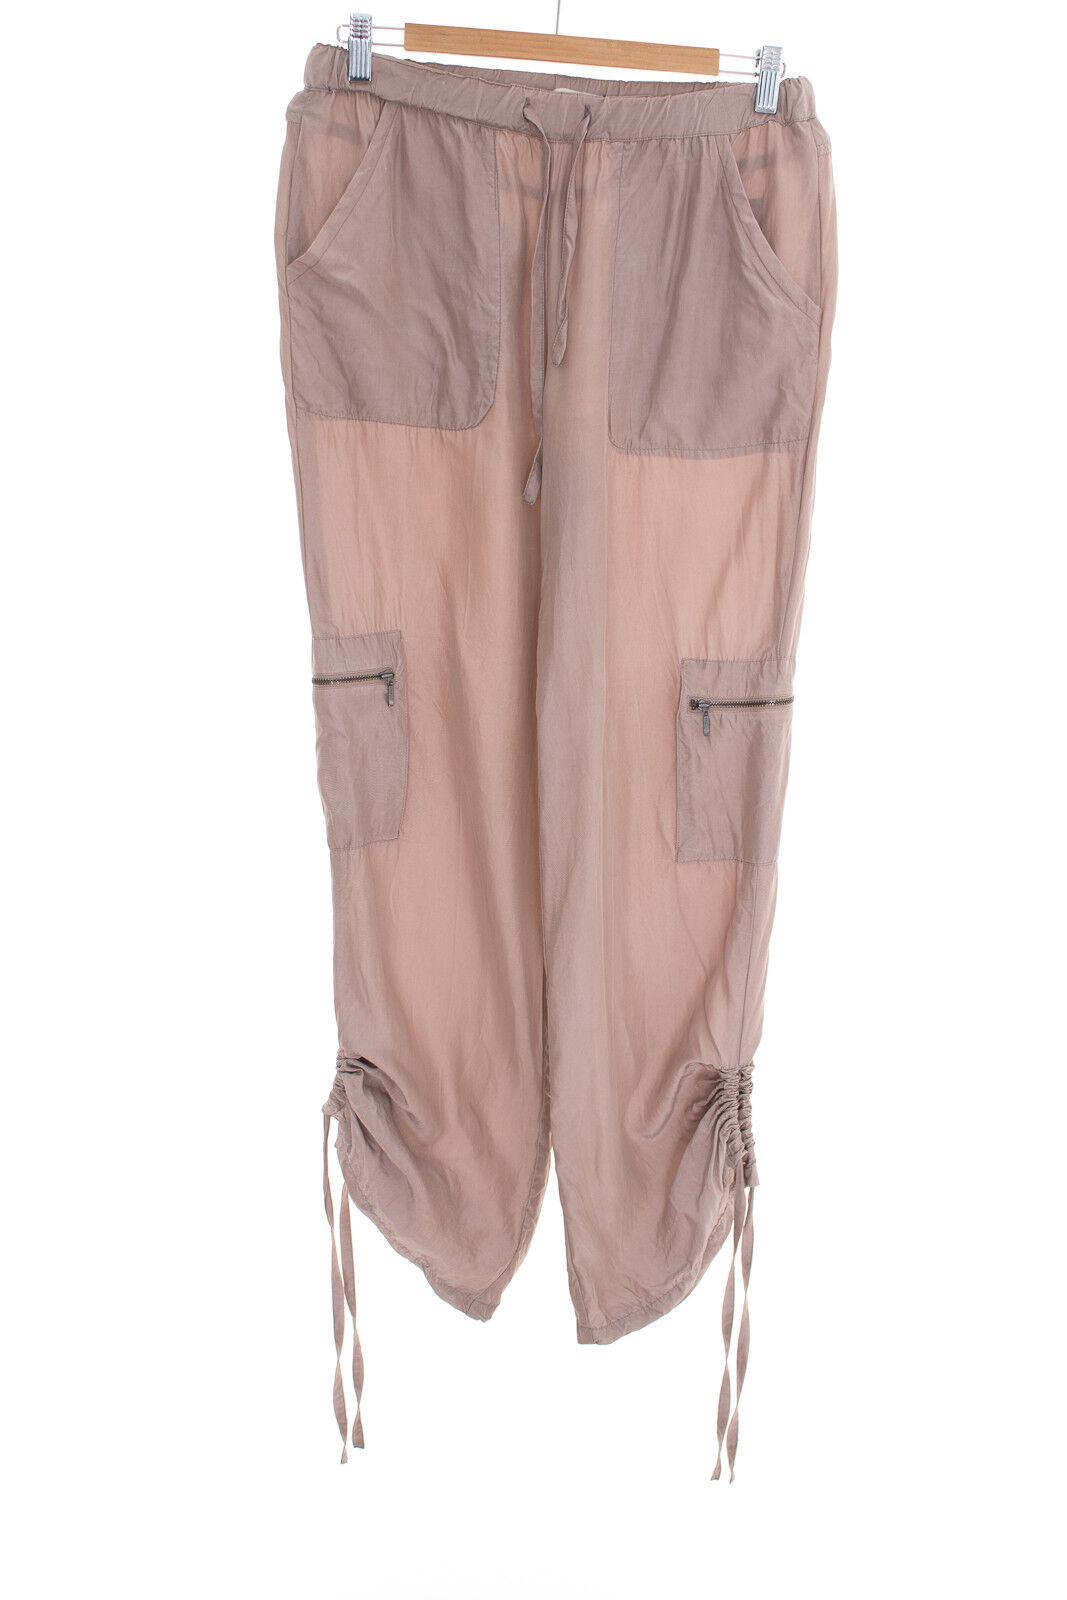 65307baa01 SCHUMACHER Gr. S Damen Sommerhose Trousers Pants Blau Taupe Hose ntqszp2068- Hosen